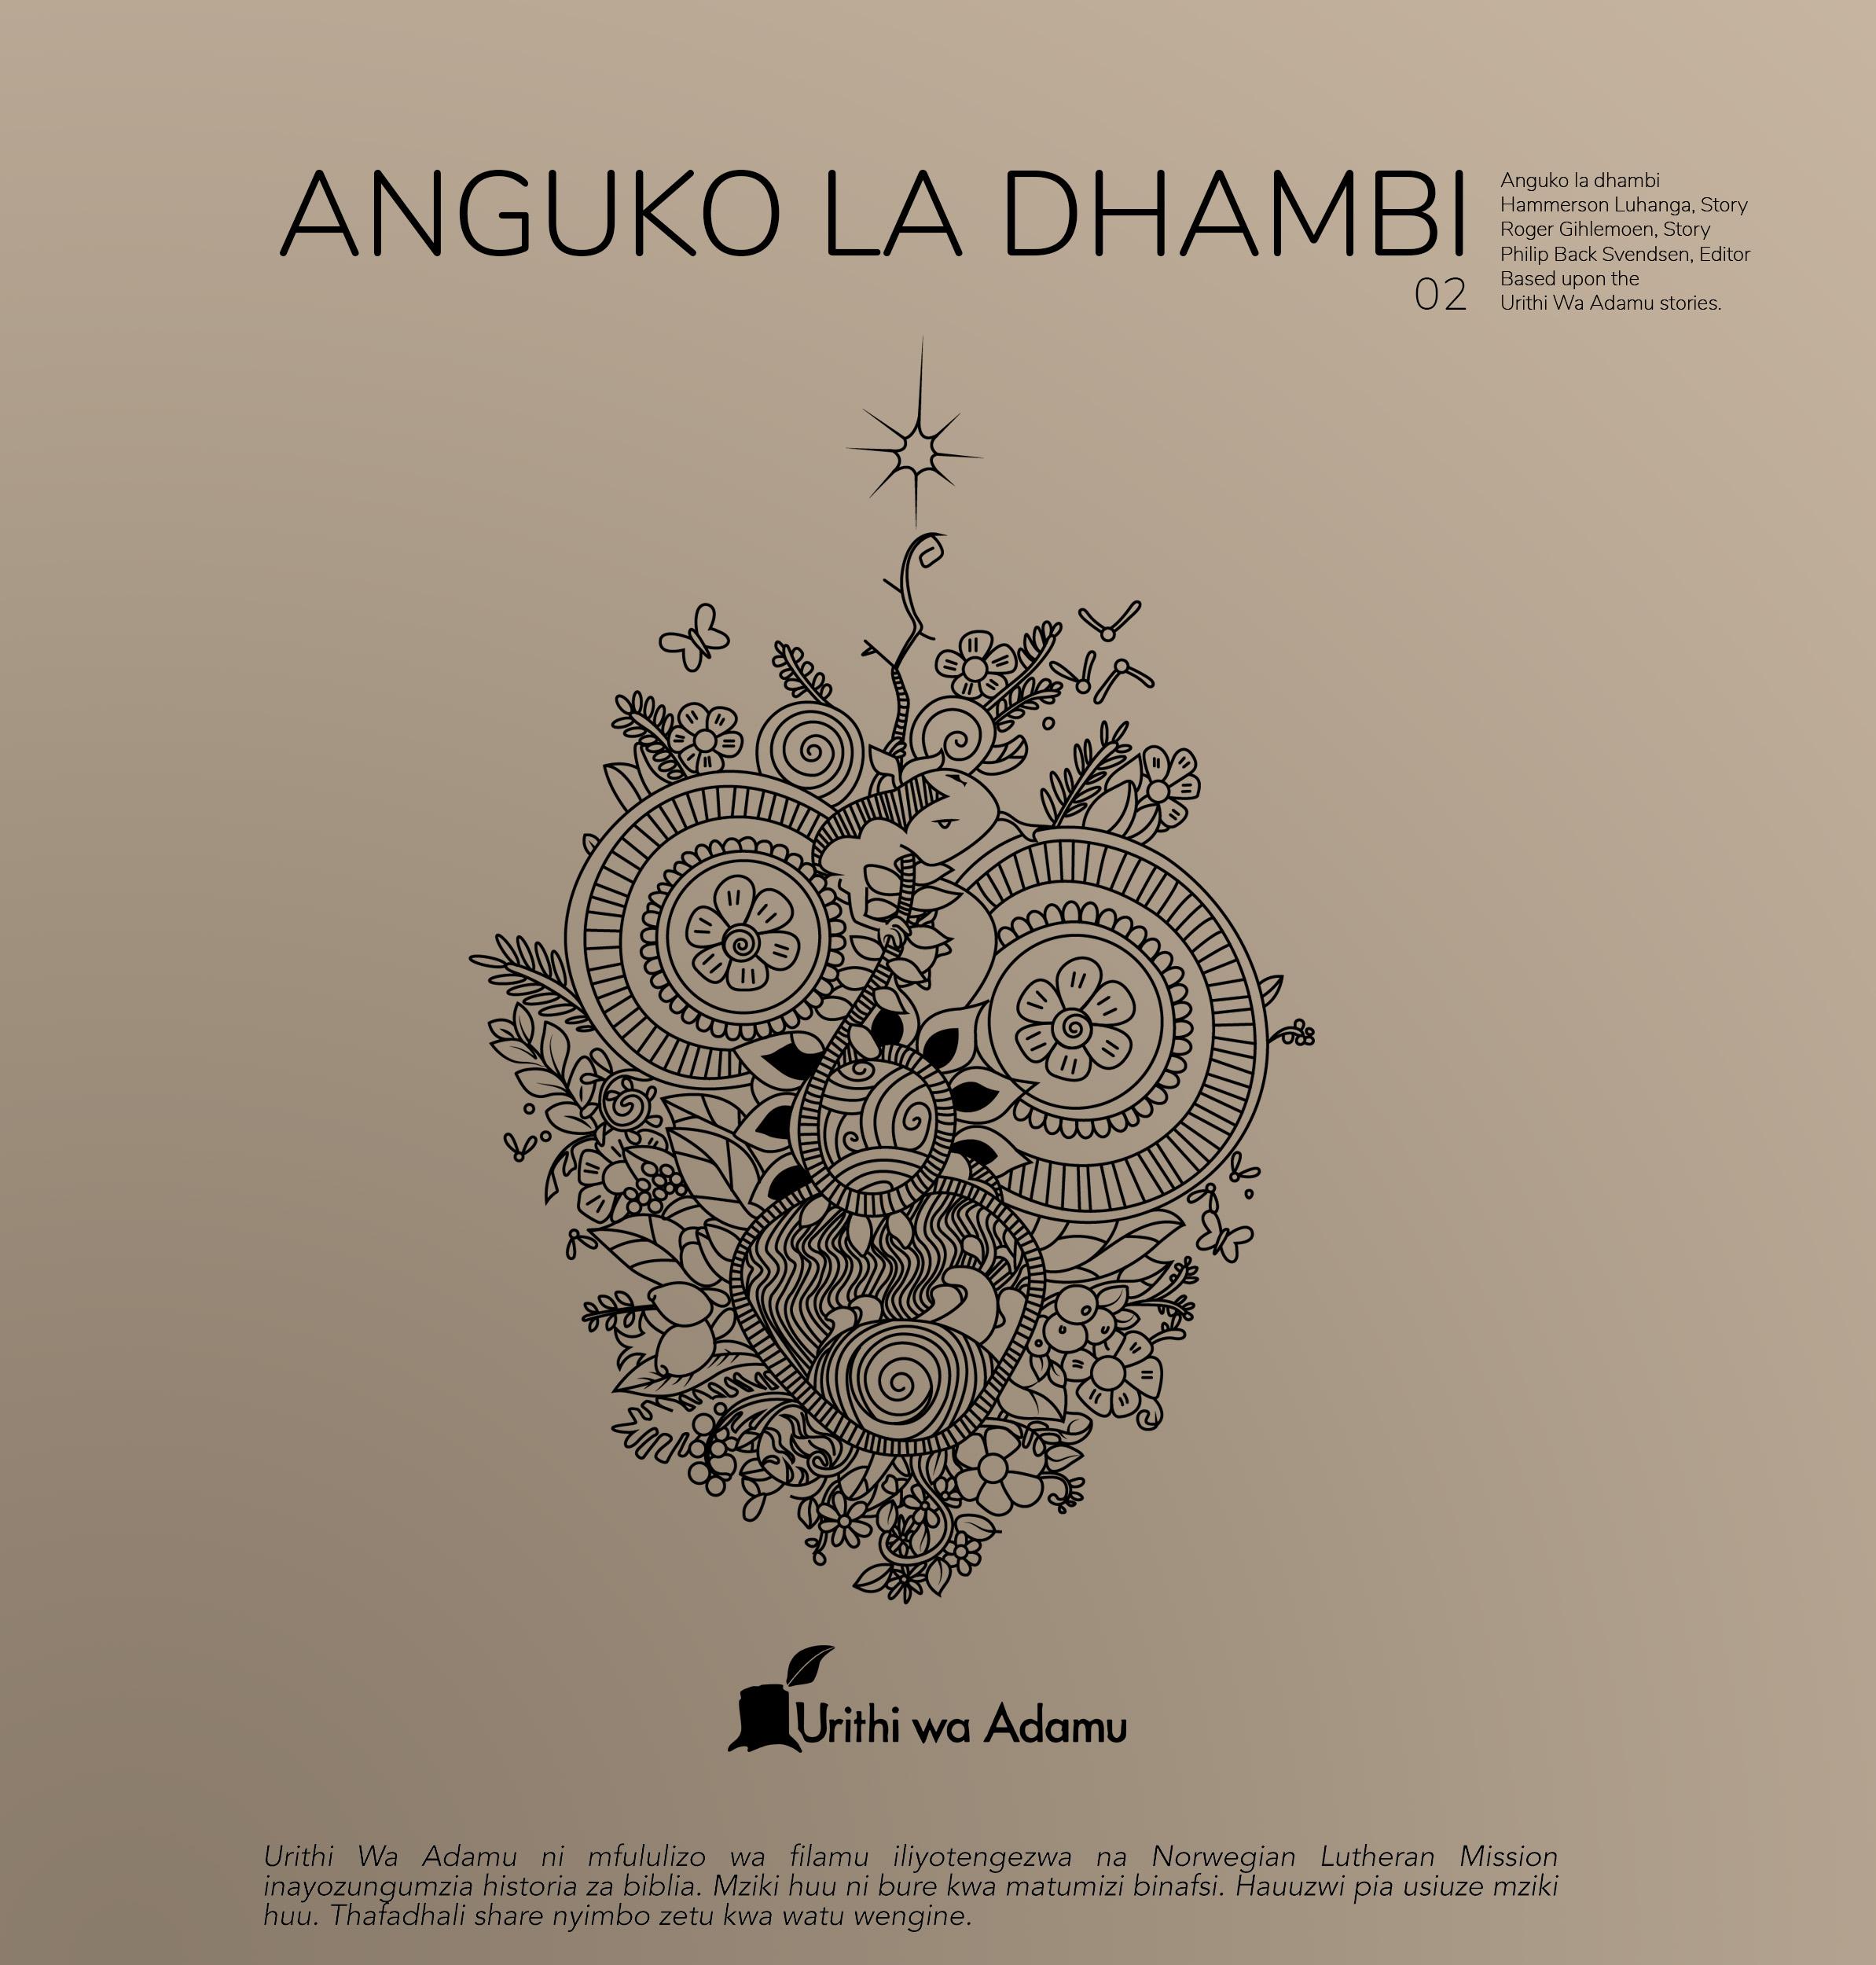 AngukoLaDhambi_Radio_02.jpg